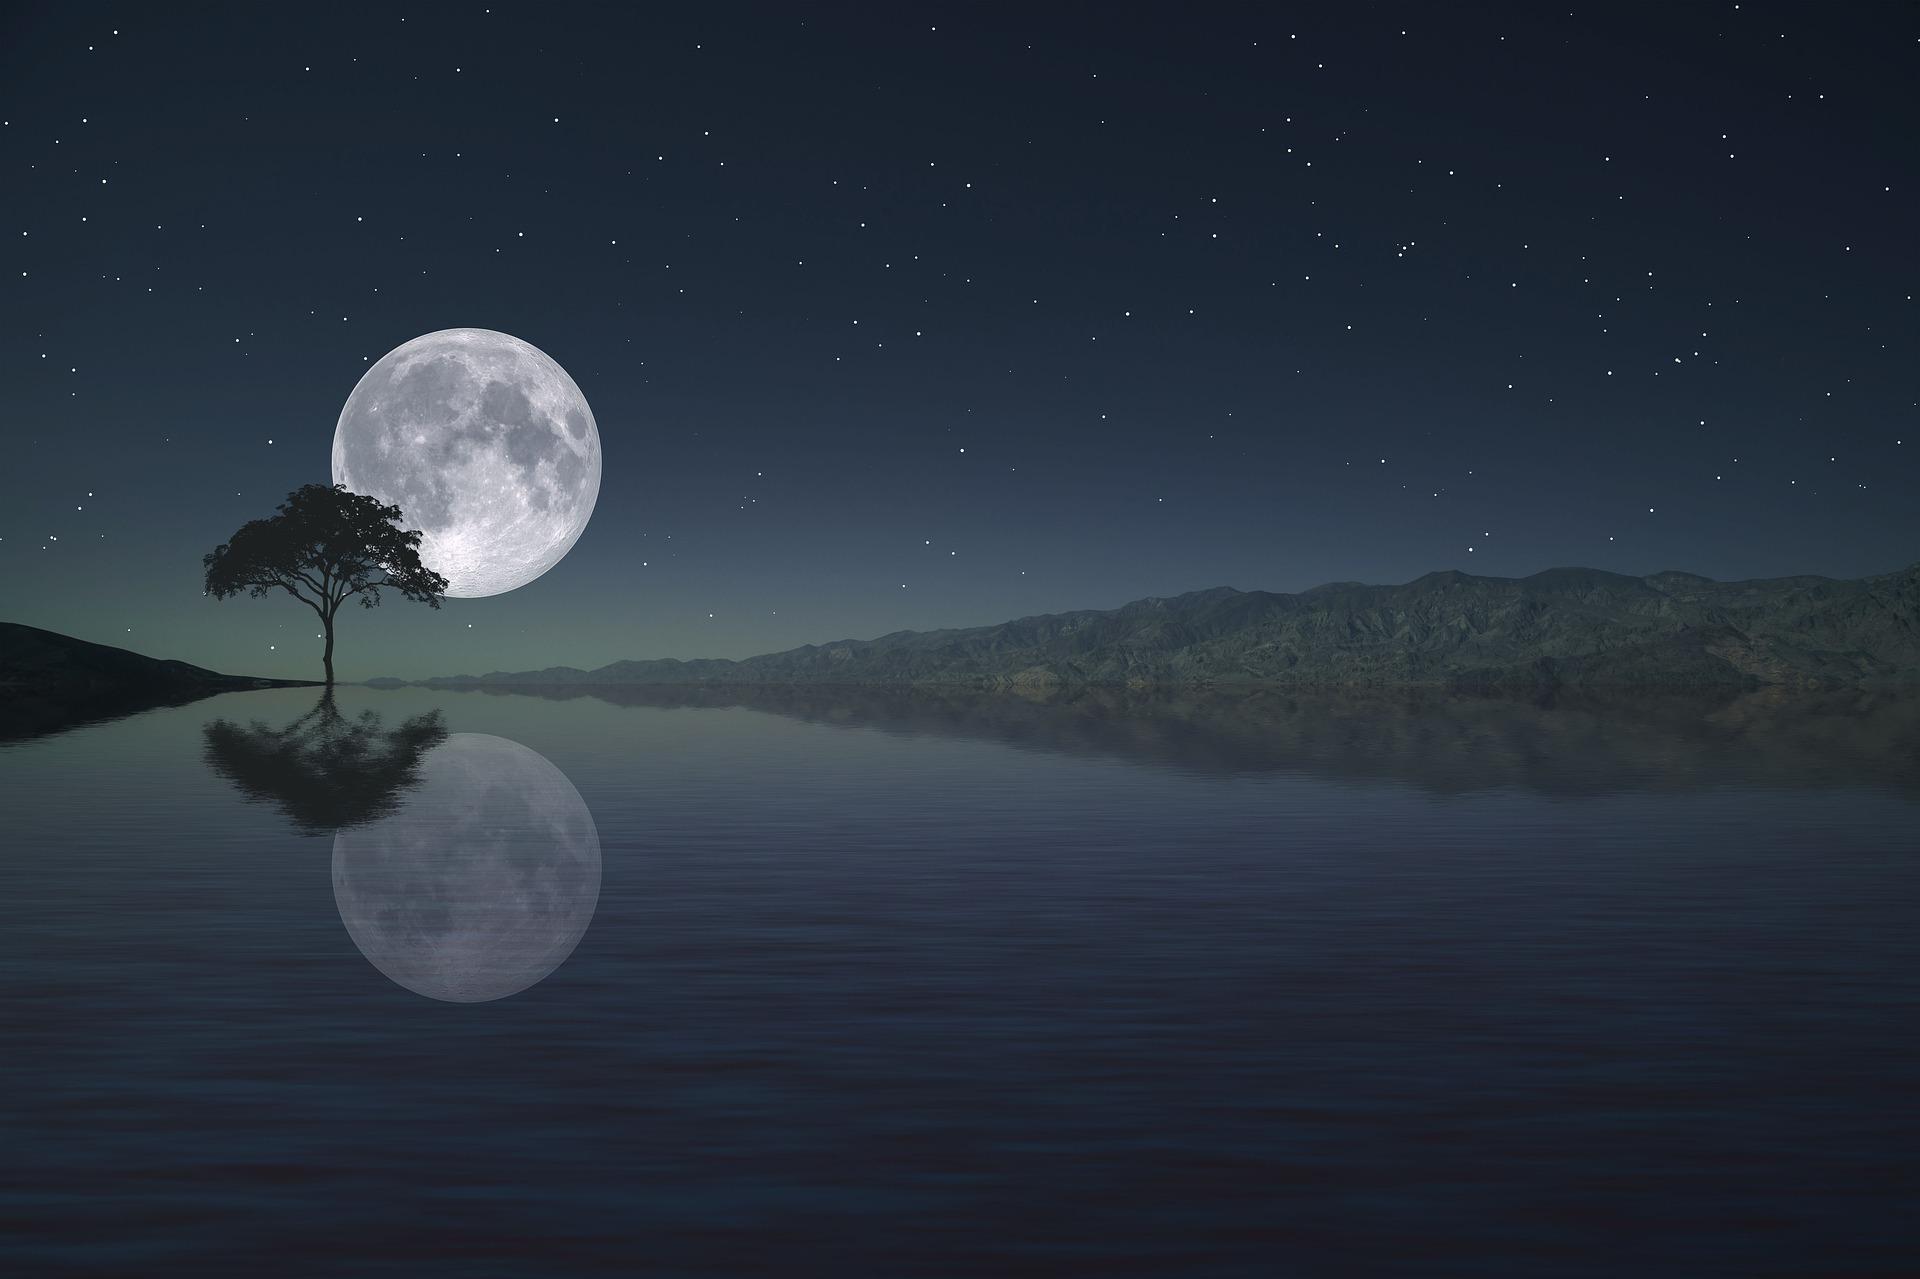 Full moon - Volle maan meditatie - Yoga Natuurlijk Borne Online - Left